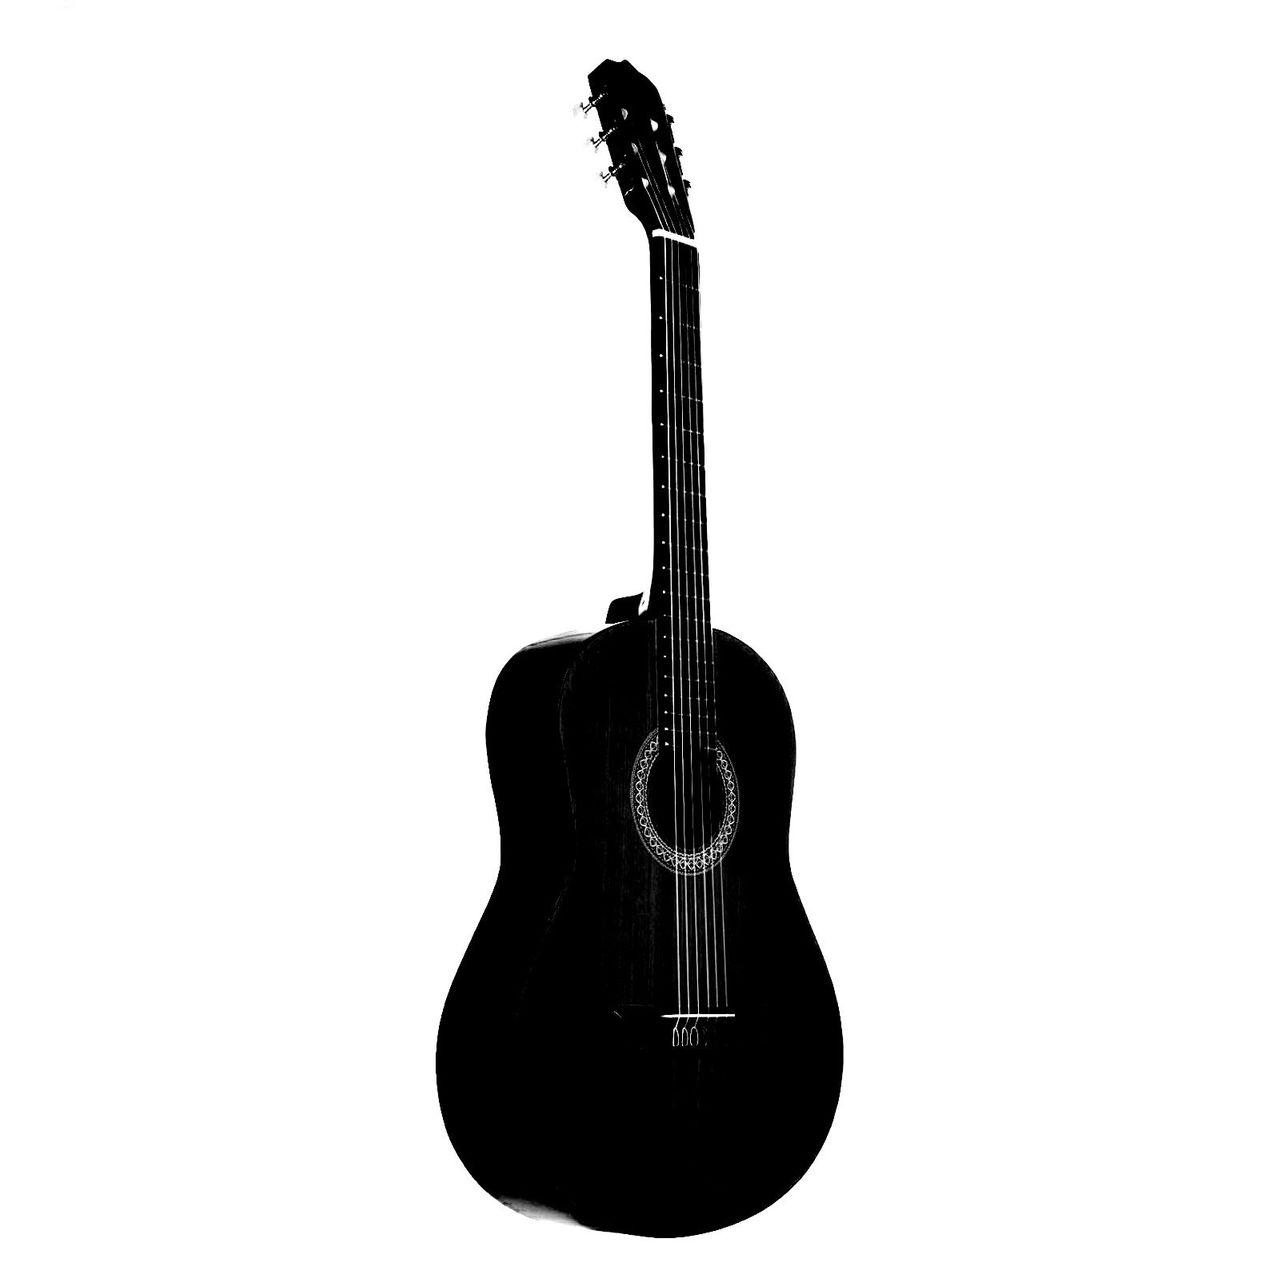 گیتار کلاسیک فرد کد 88